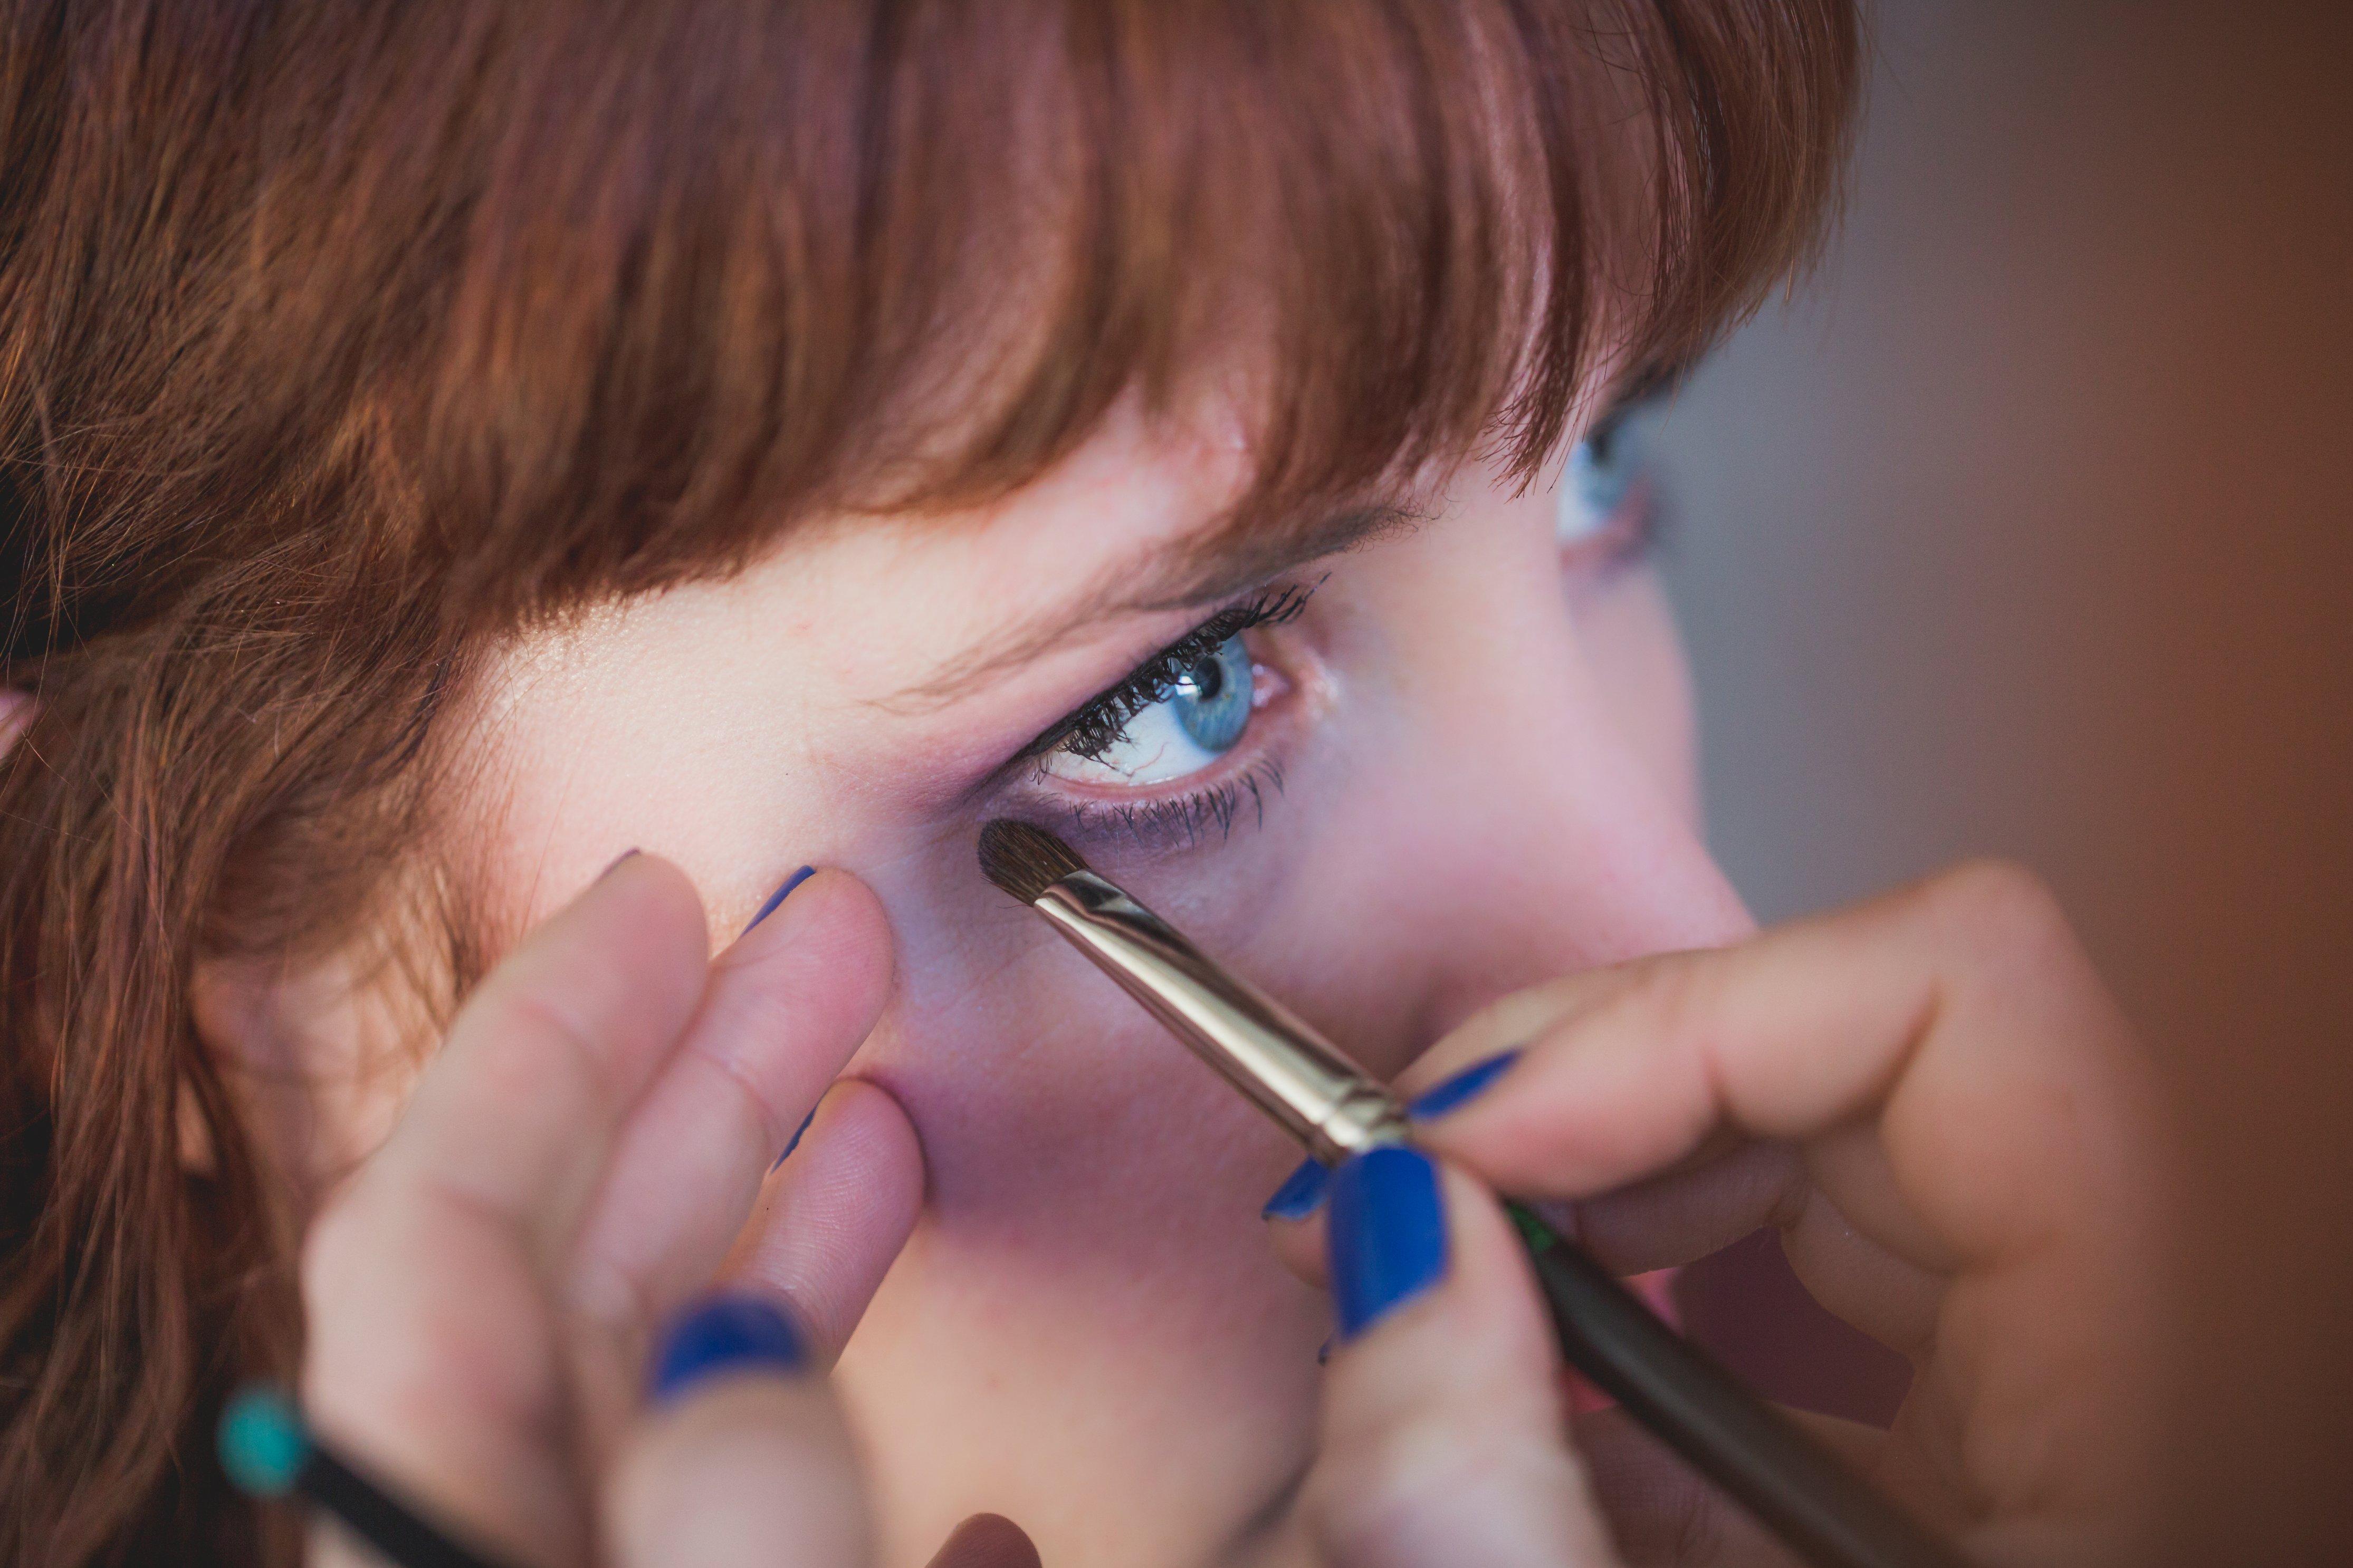 cours de maquillage alpes maritimes, cours de maquillage antibes, cours de maquillage cagnes sur mer, cours de maquillage nice, apprendre à se maquiller nice, apprendre à se maquiller antibes, apprendre à se maquiller vence